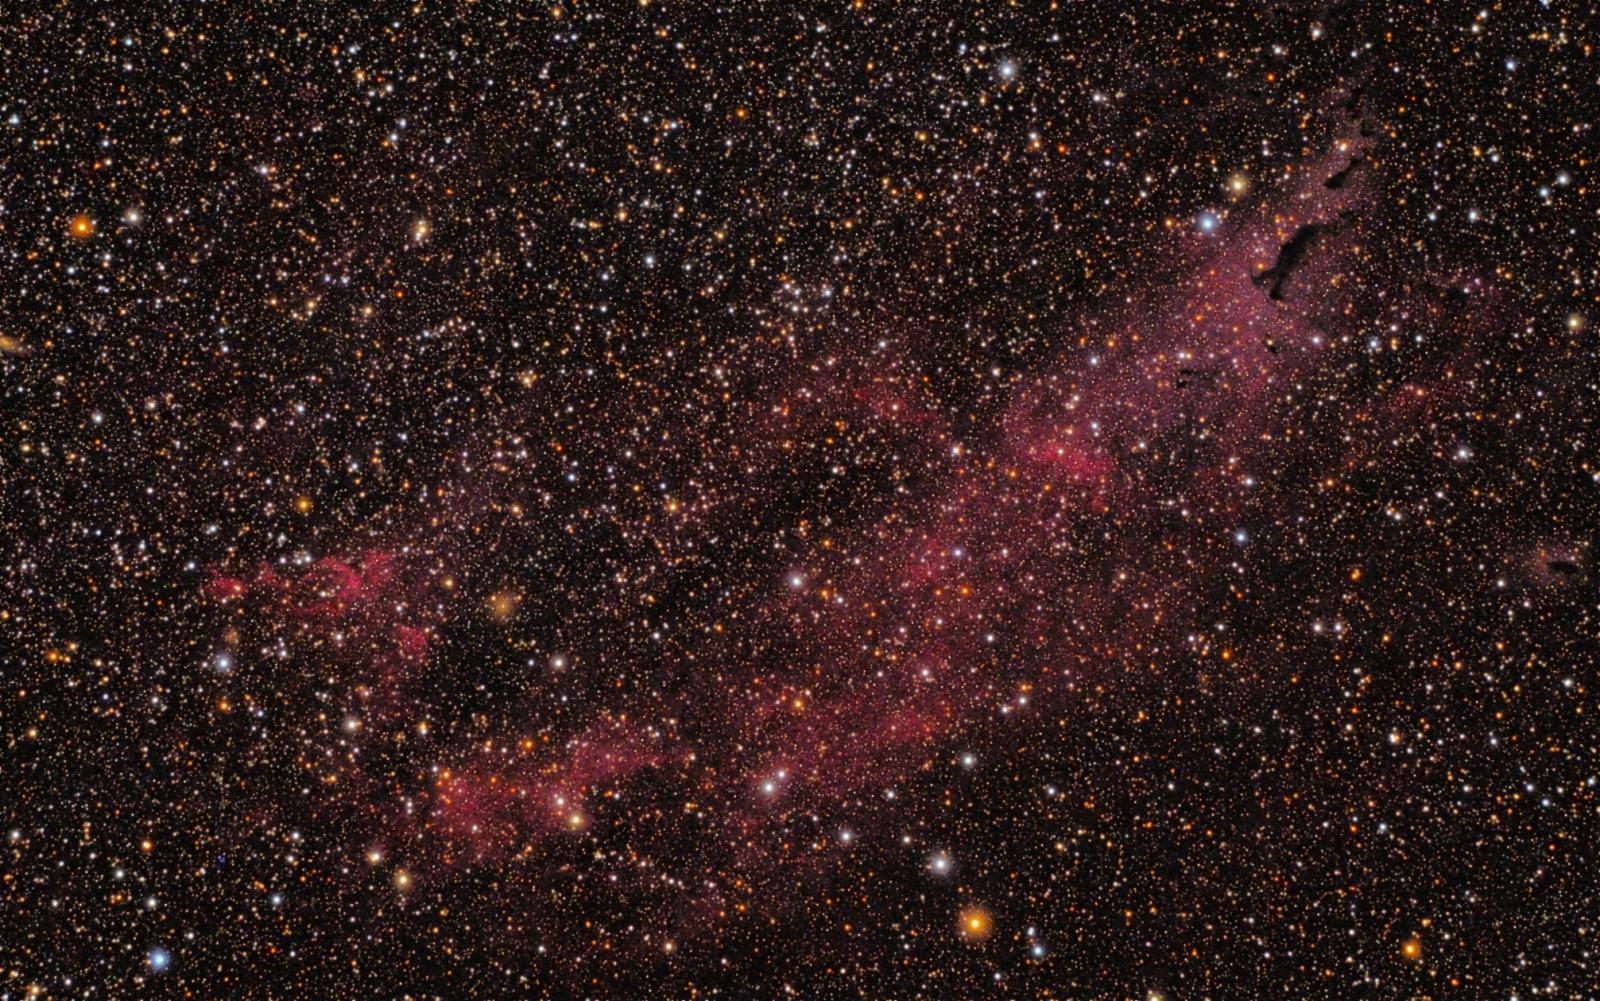 star_out2.thumb.jpg.50a9a0faa429946eba128255267726f5.jpg